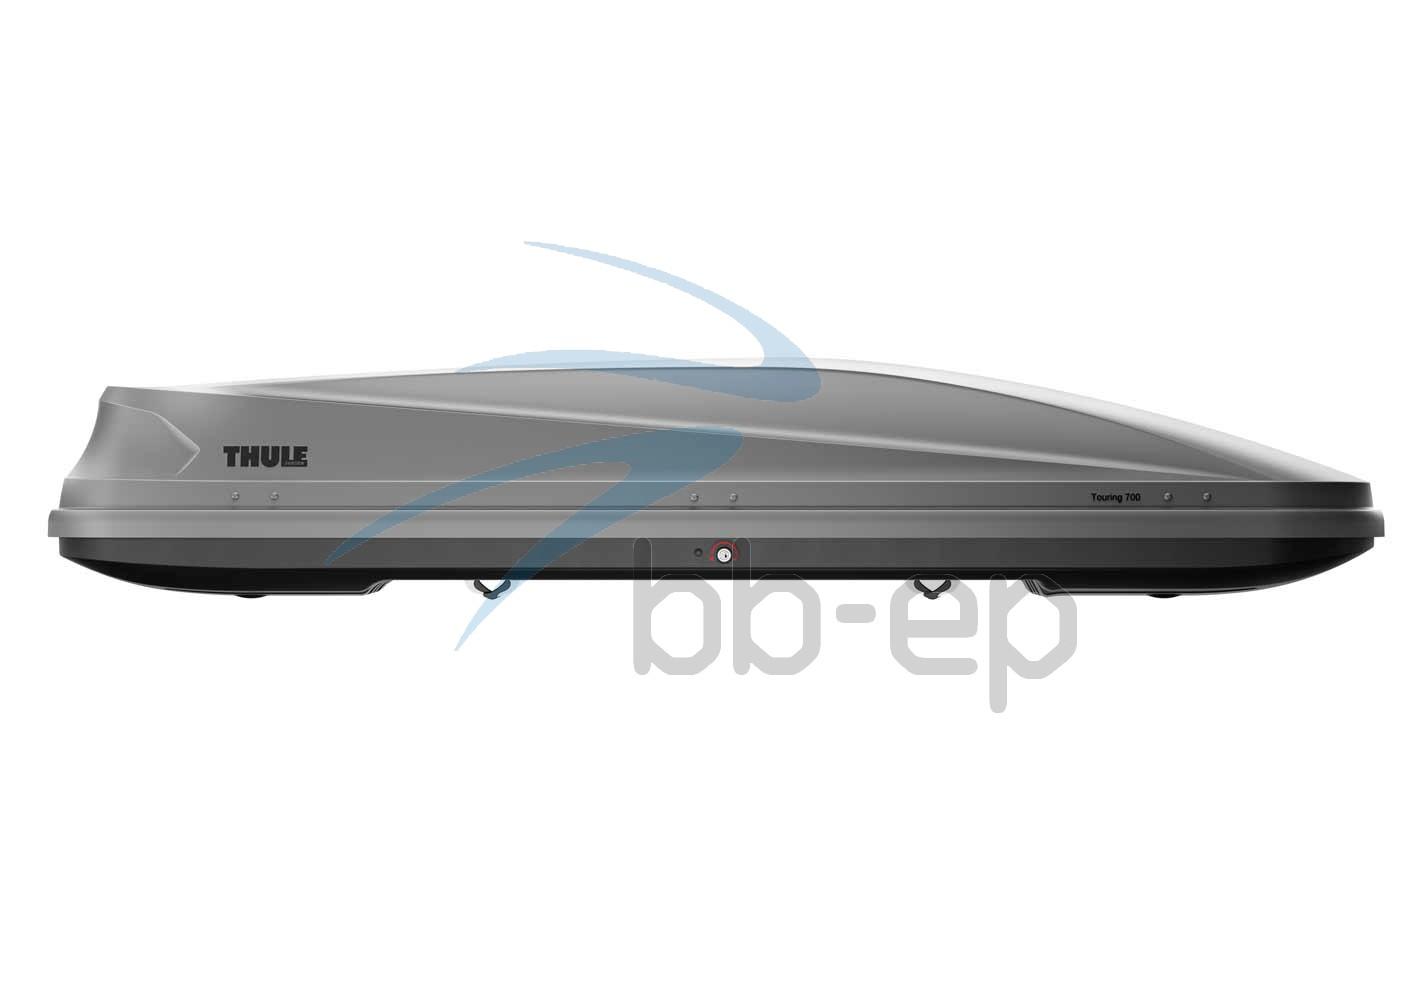 Thule Touring Alpine / Touring 700 schwarz  Titan / Silber